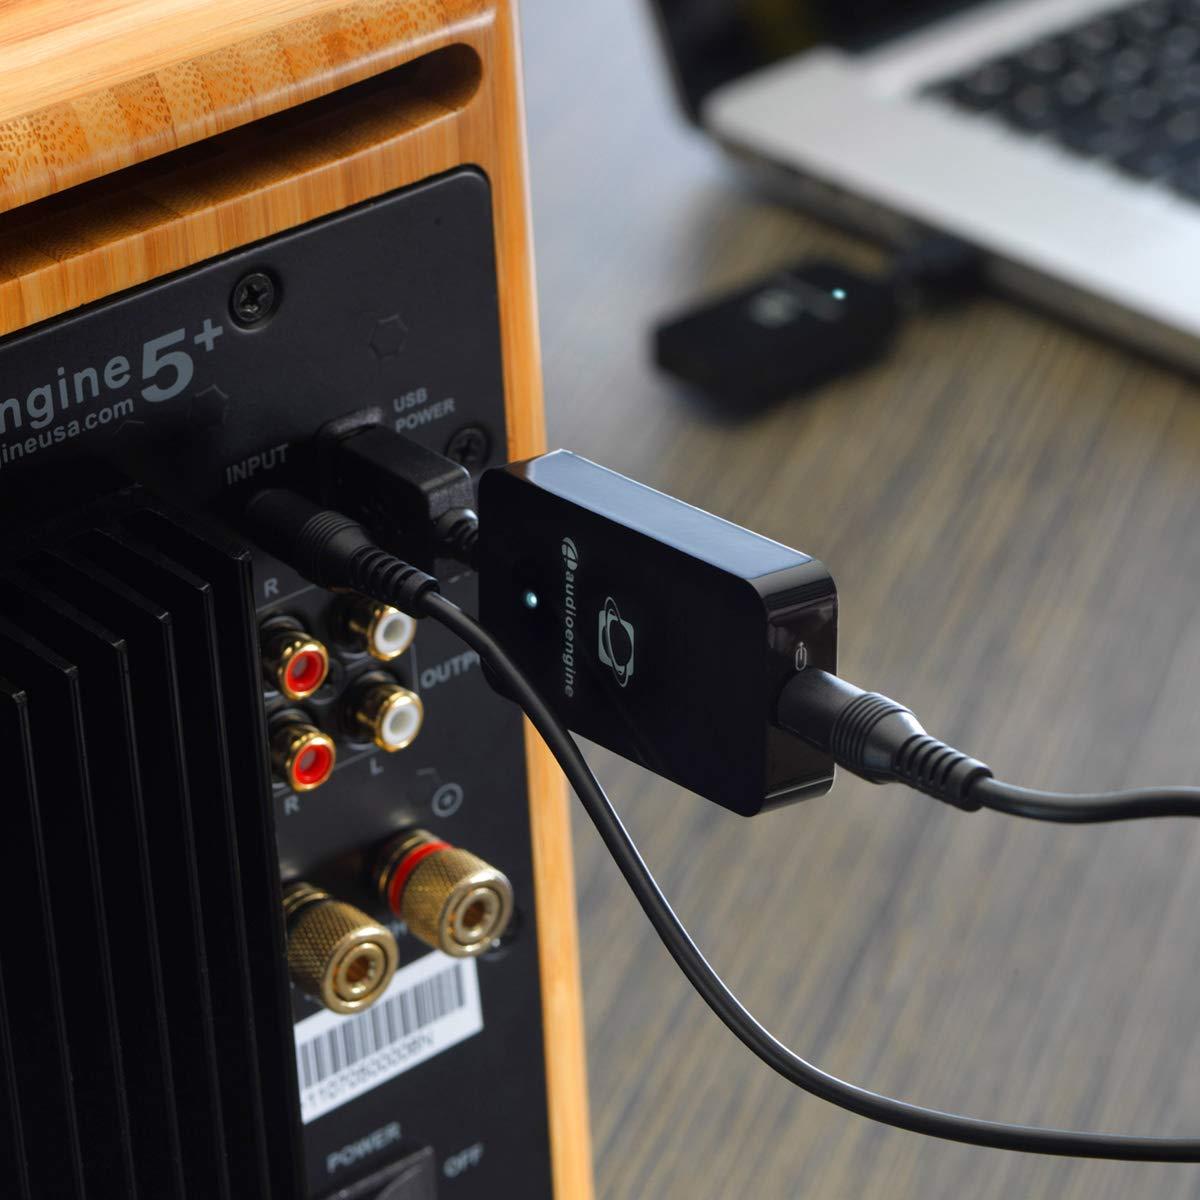 Audioengine W3 Wireless Audio Adapter Kit by Audioengine (Image #6)